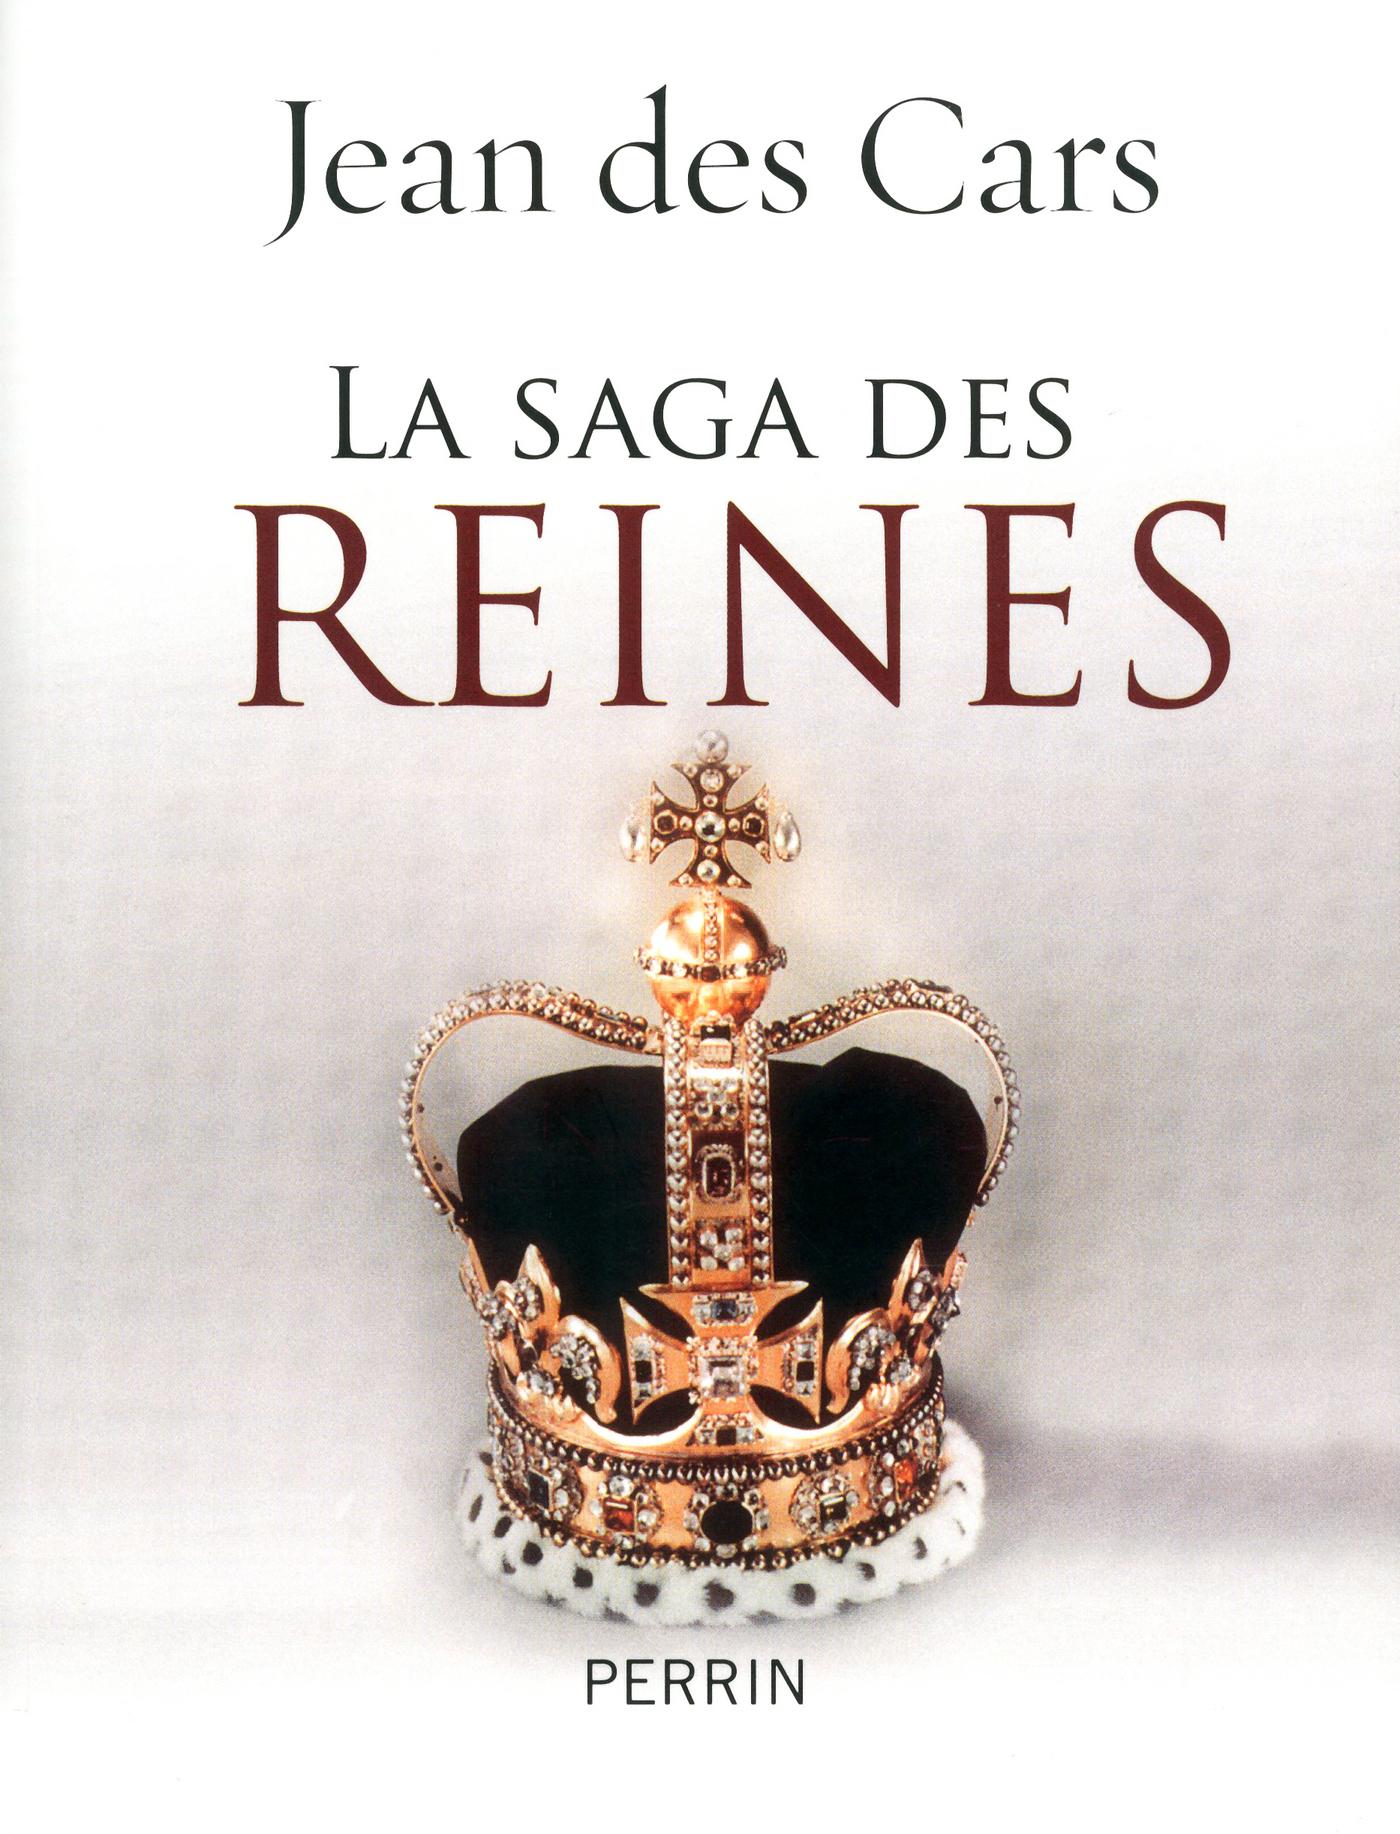 La saga des reines